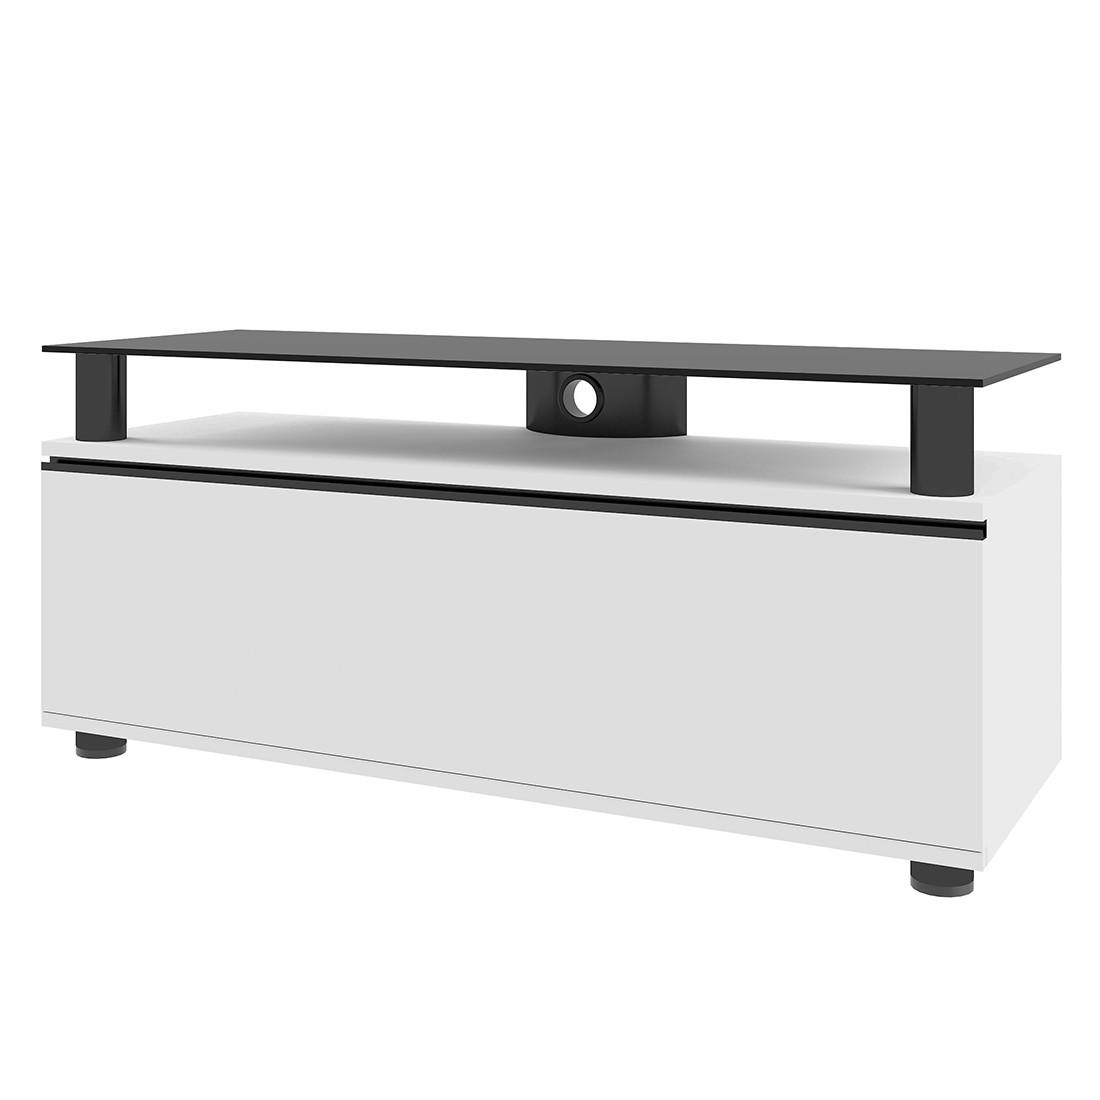 TV-Lowboard Clano – Rack – MDF / Aluminium / ESG-Sicherheitsglas Weisslack, VCM kaufen